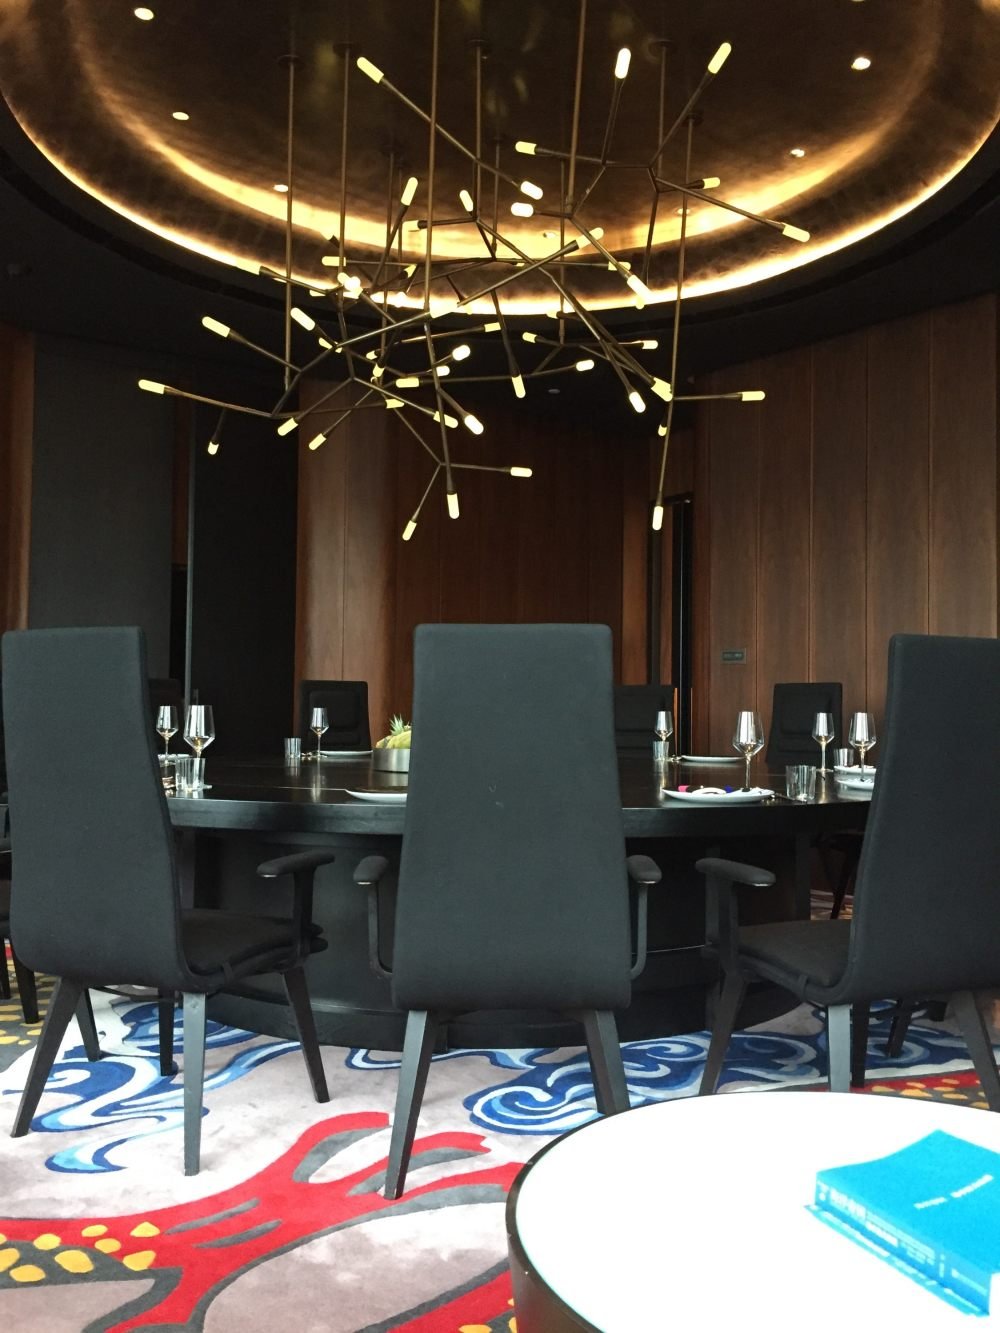 上海外滩W酒店,史上最全入住体验 自拍分享,申请置...._IMG_6264.JPG